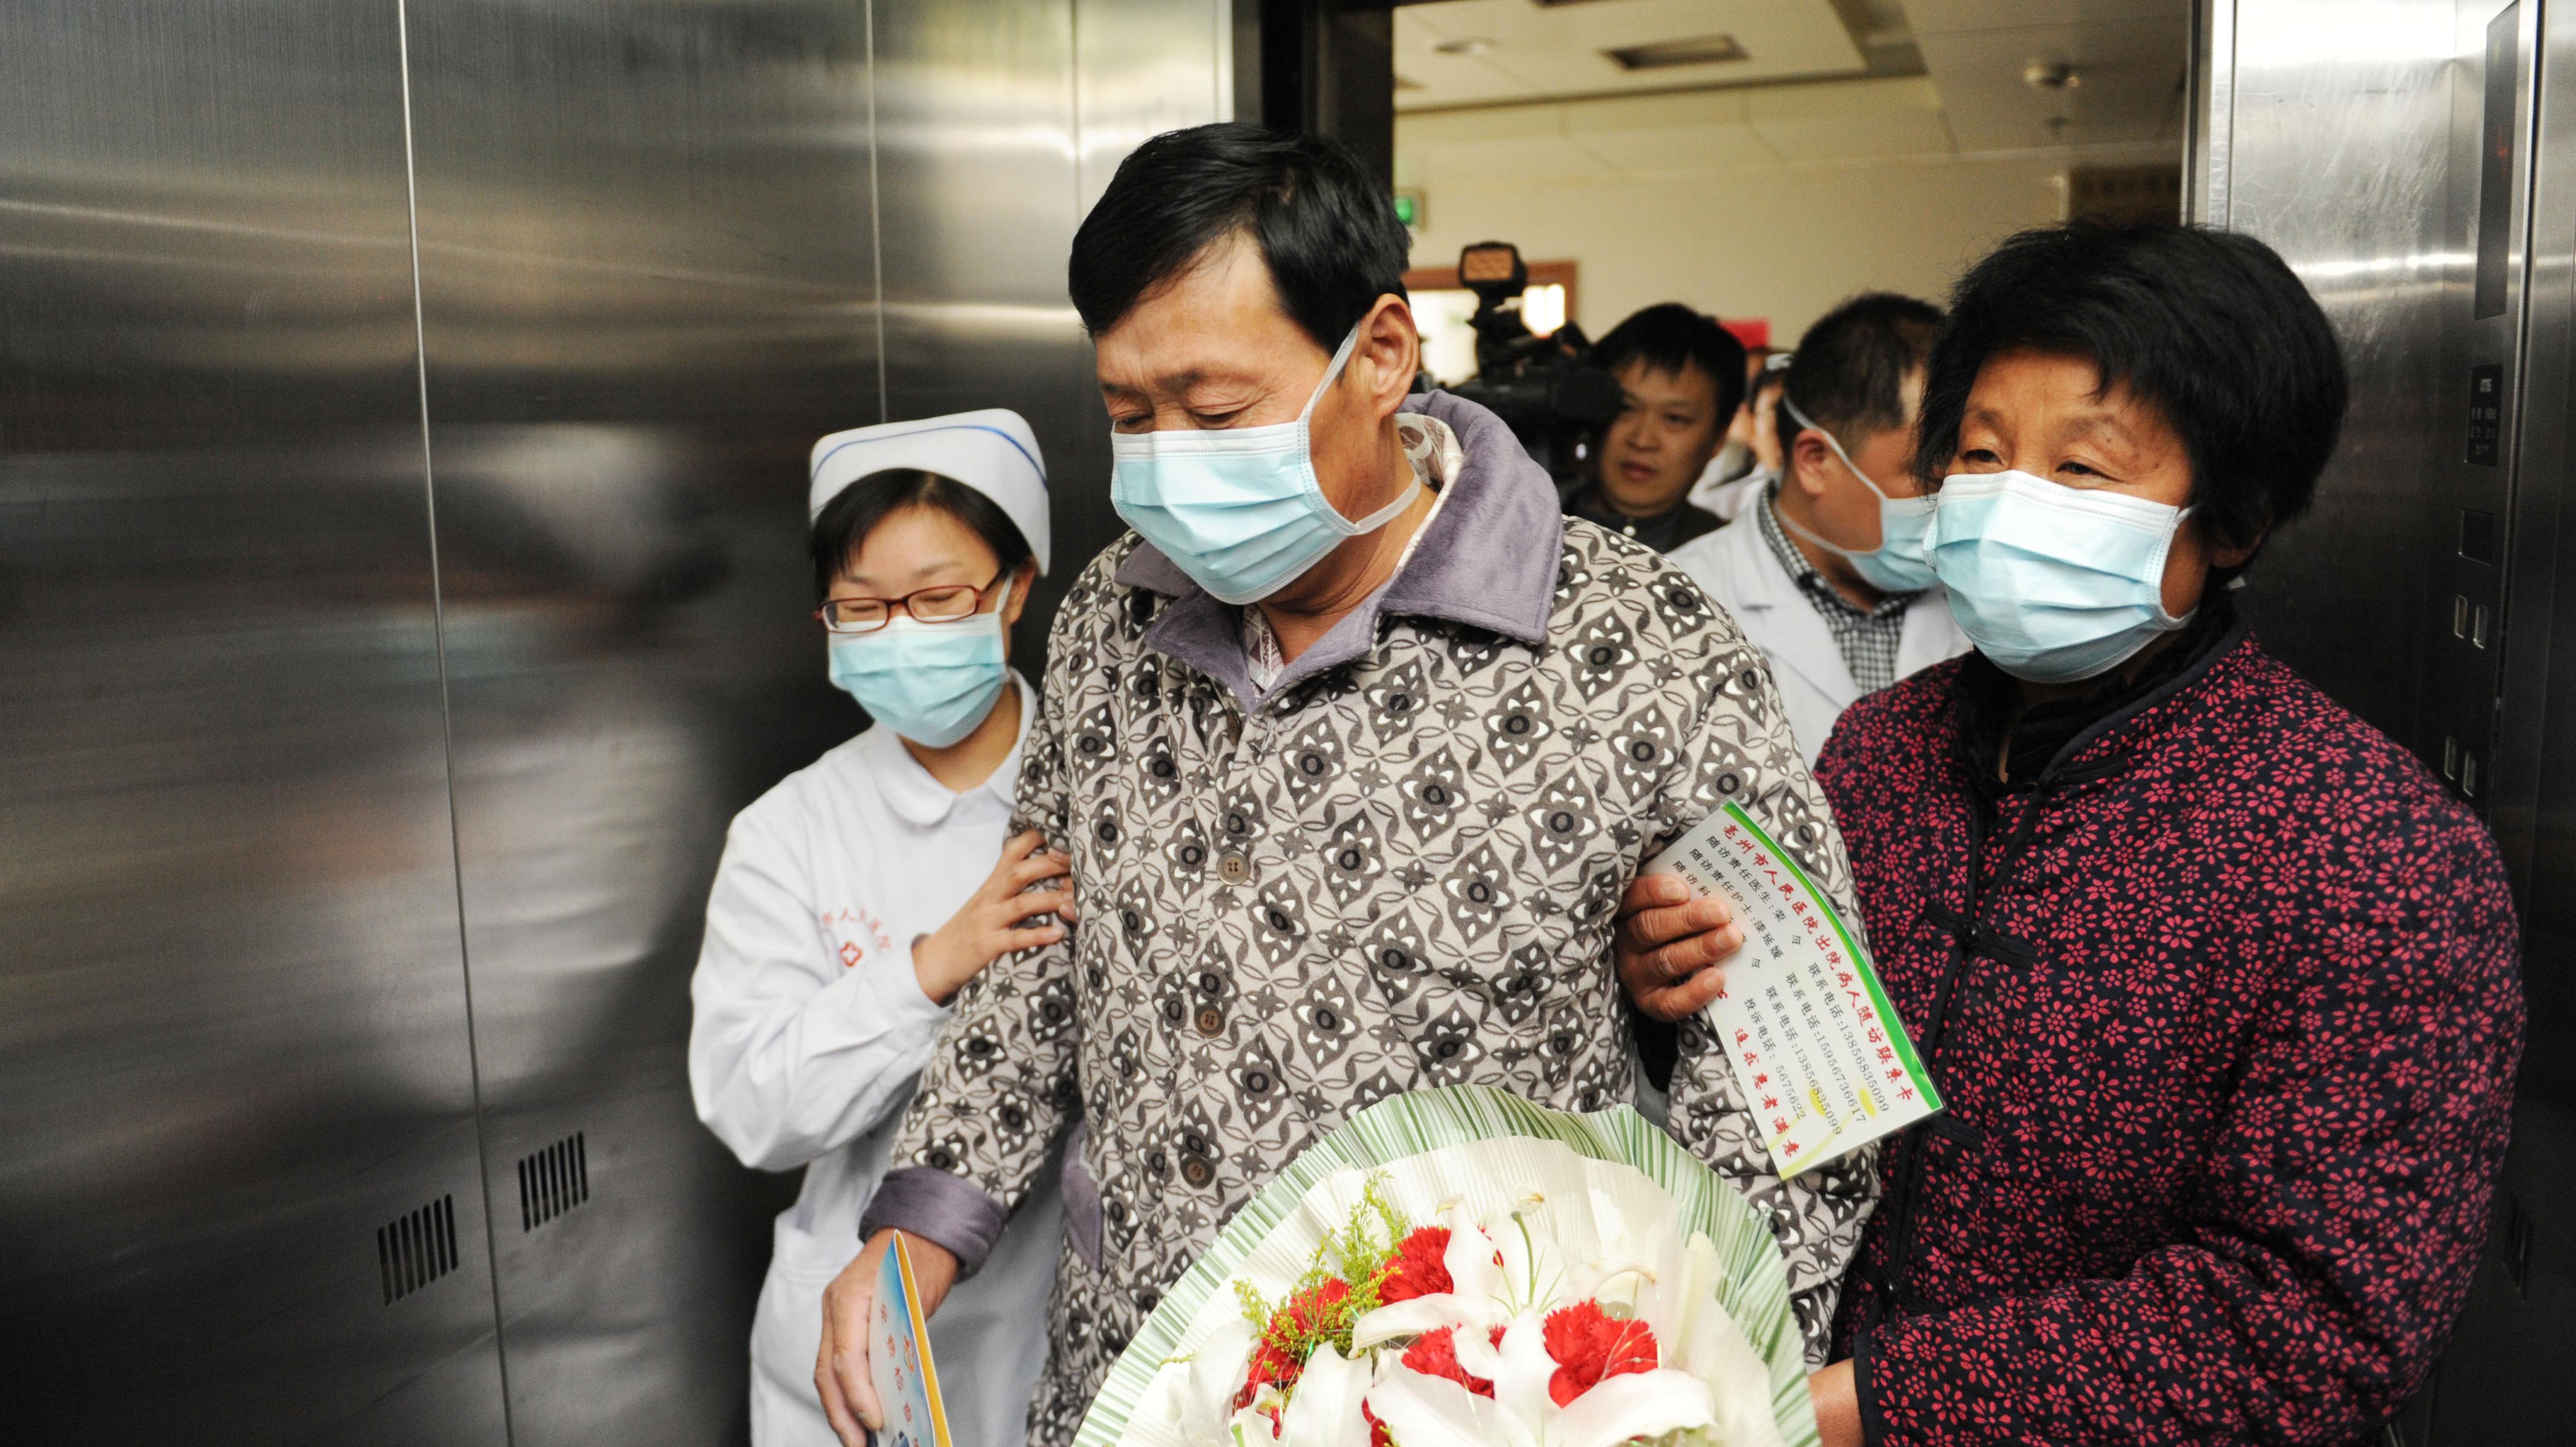 Genetic Code Shows Bird Flu In China Spread Between People